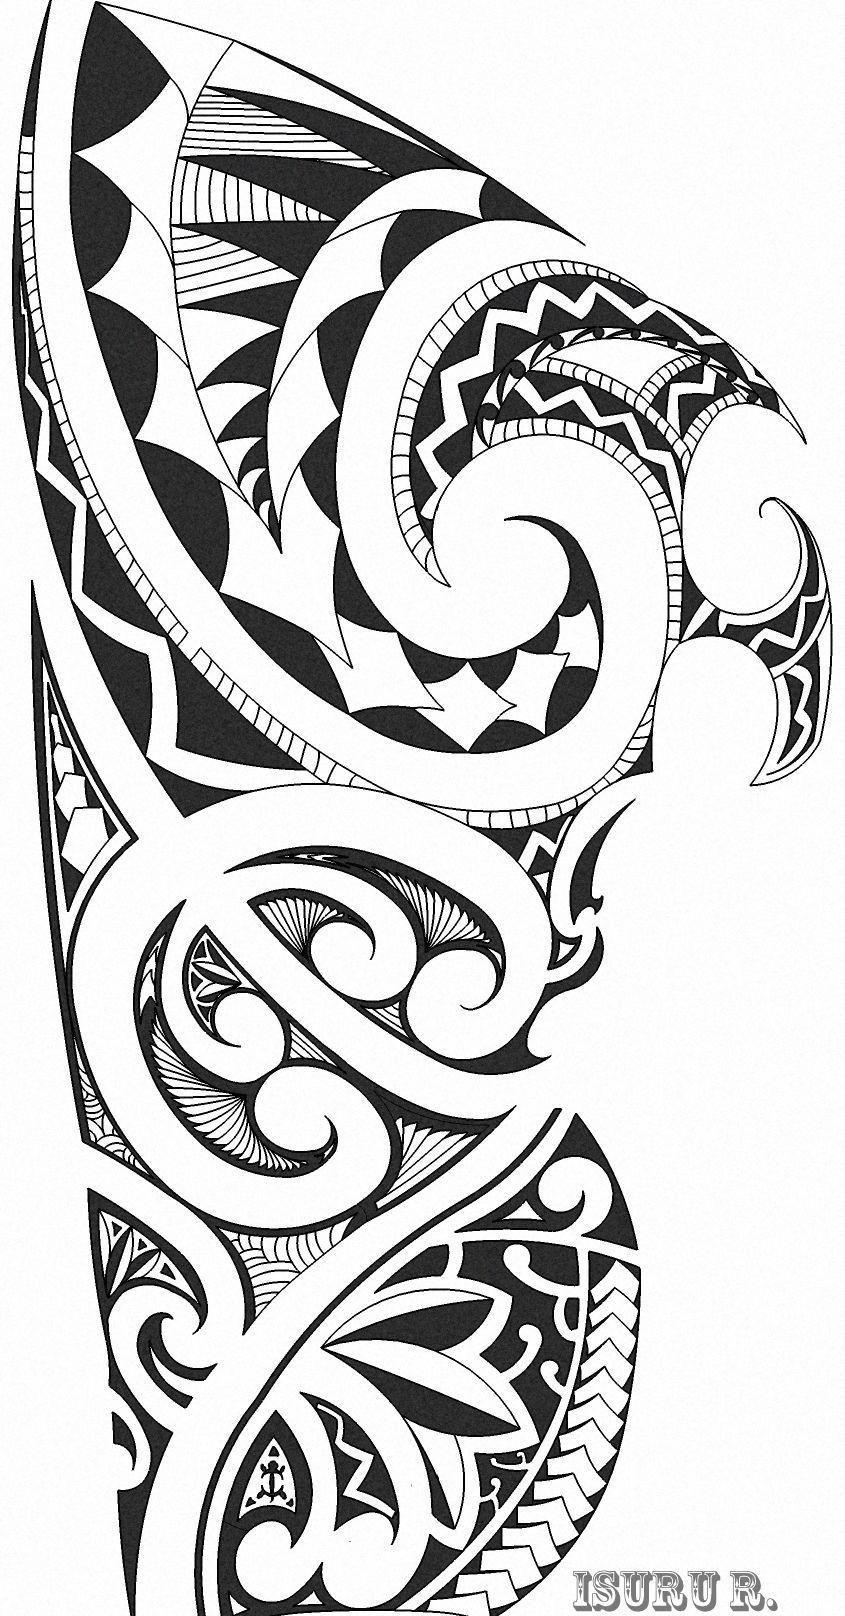 Marquesan Tattoos Guns Marquesantattoos Maori Tattoo Polynesian Tattoo Tribal Tattoos